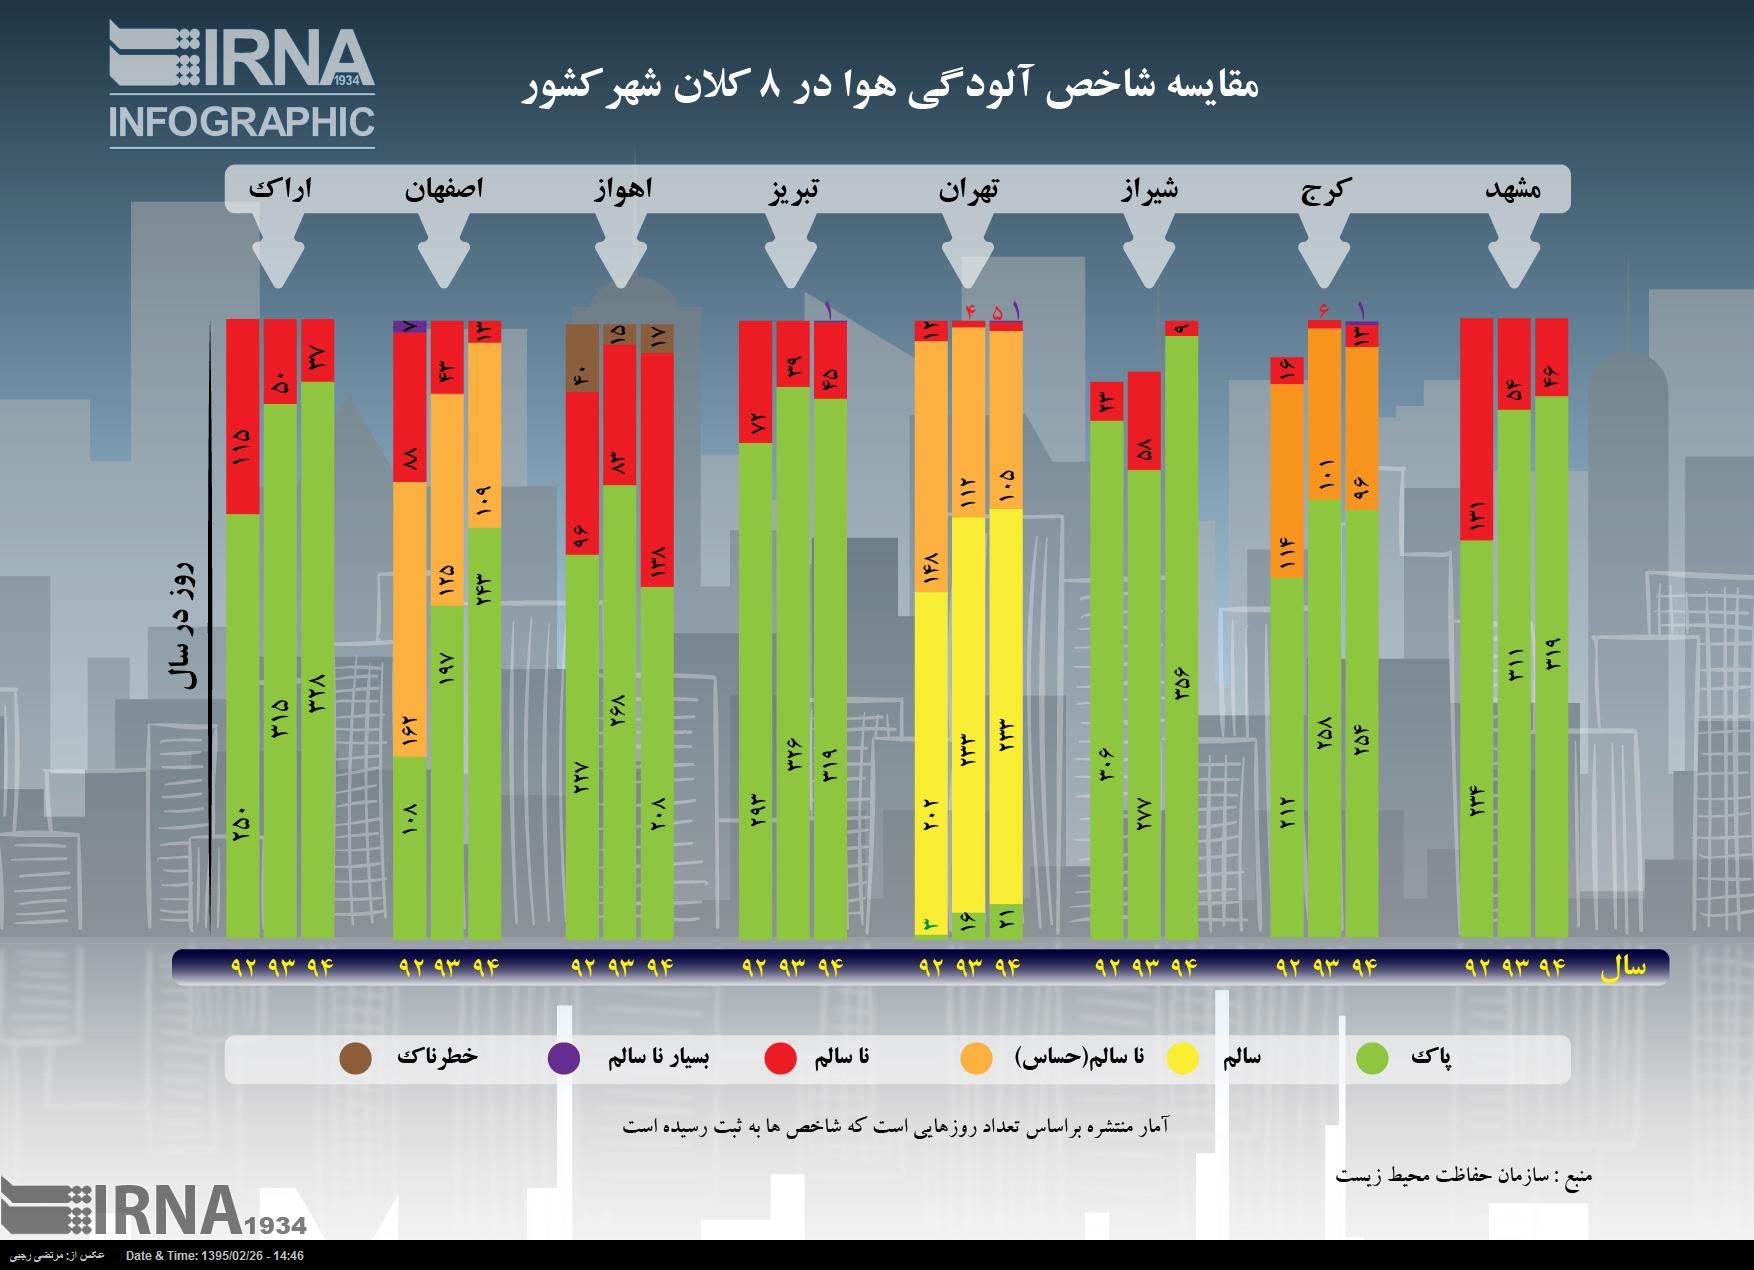 مقایسه شاخص آلودگی هوا در 8 کلان شهر کشور (اینفوگرافیک)